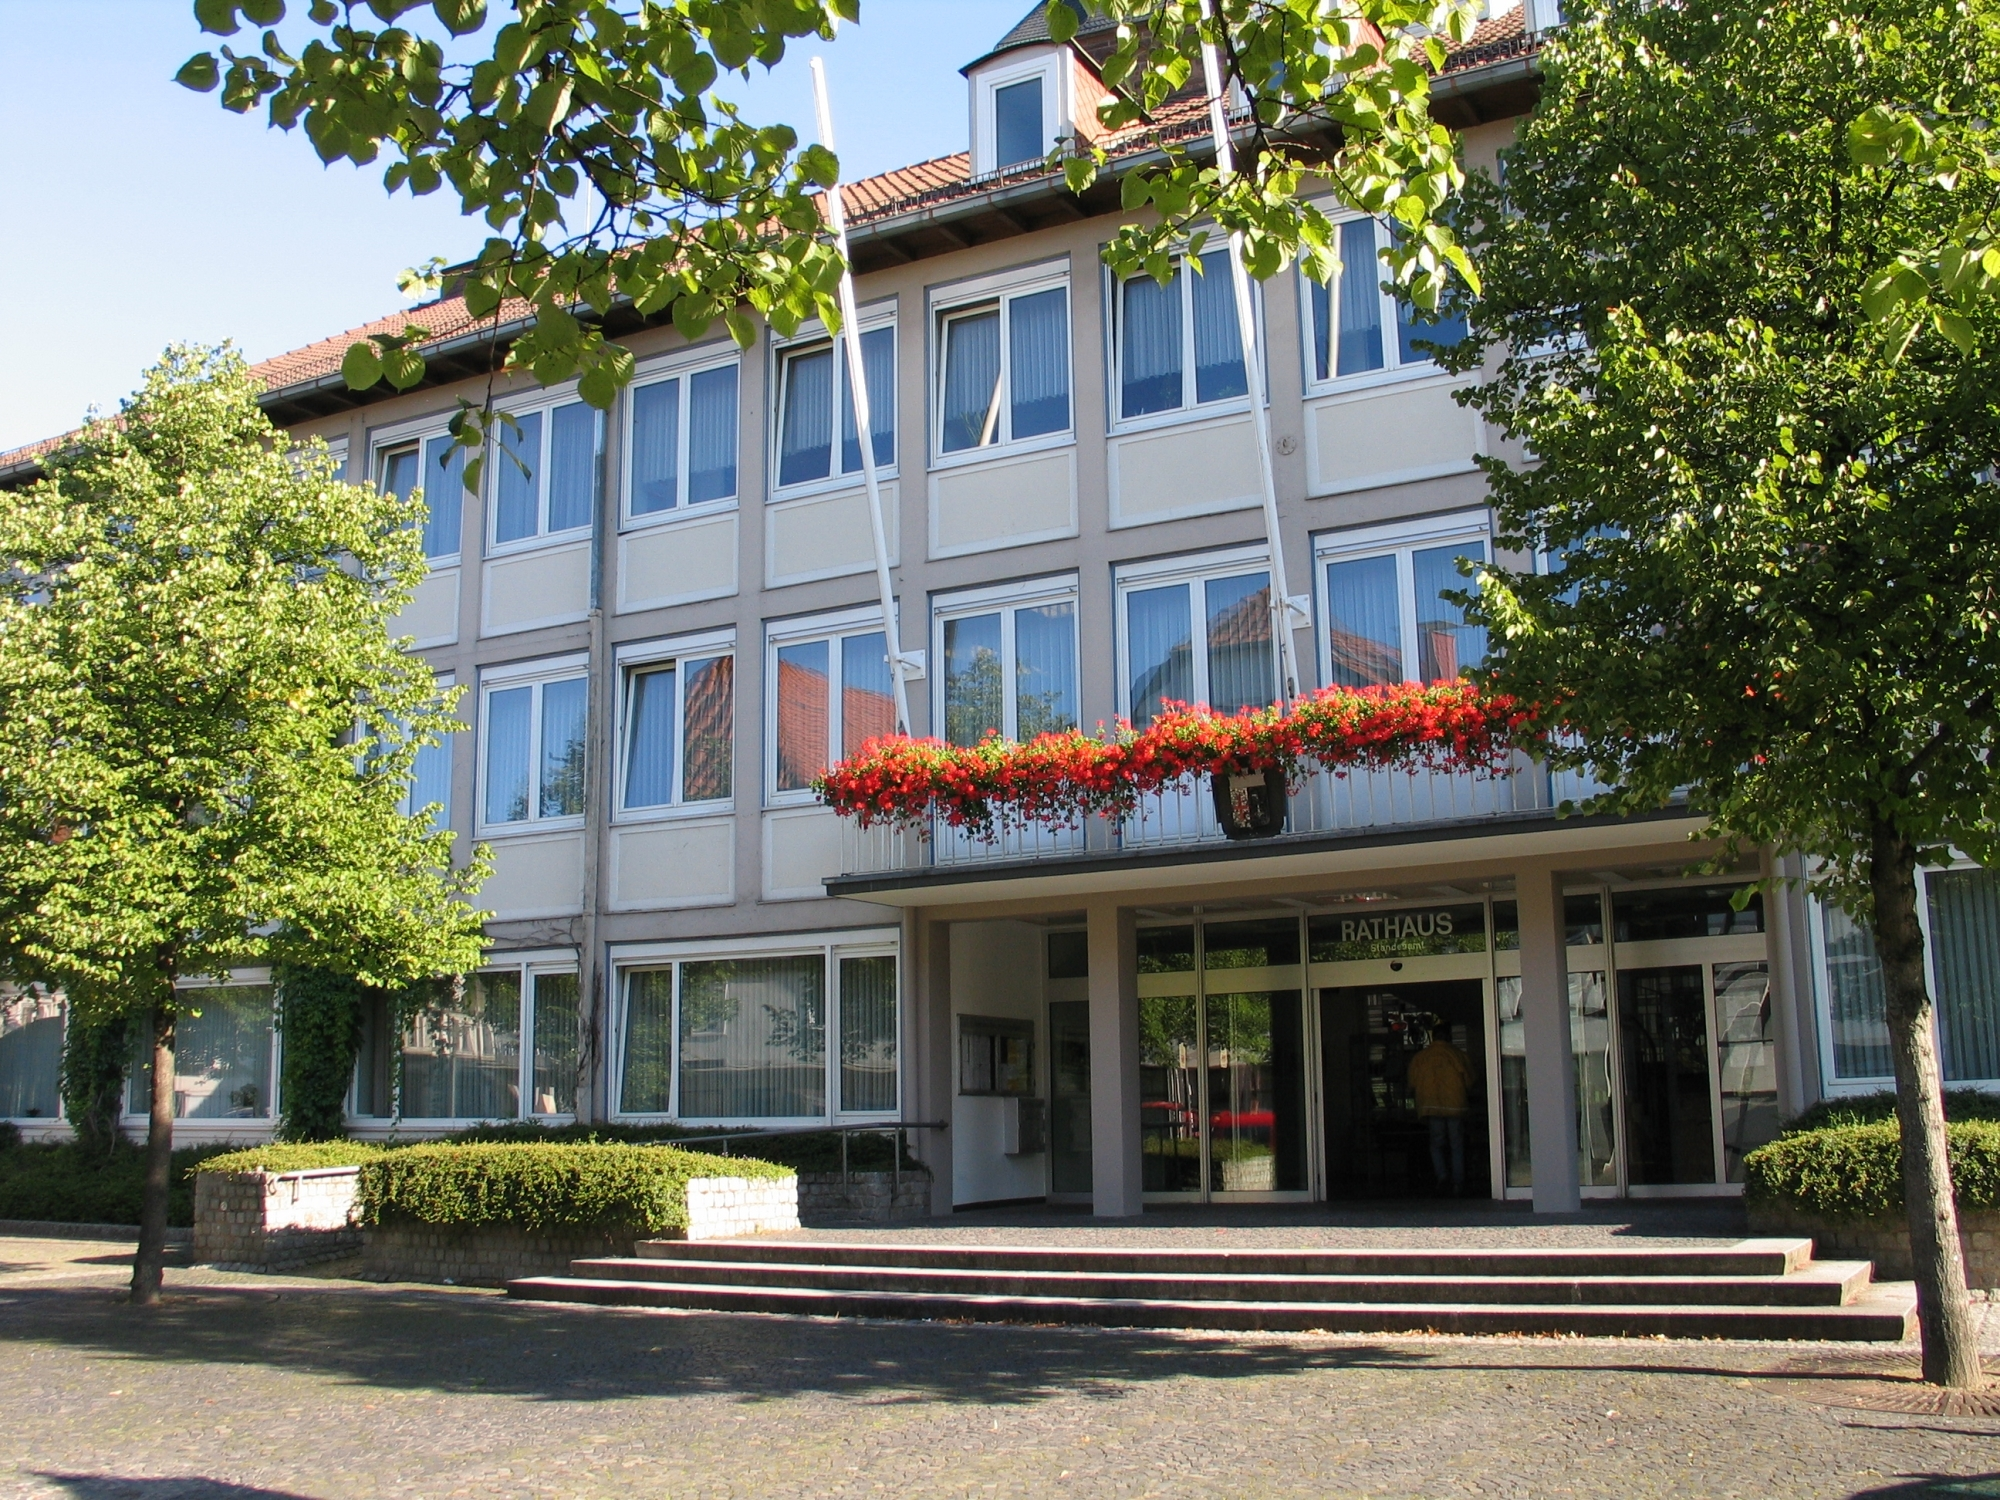 Rathaus mit Tourist Information